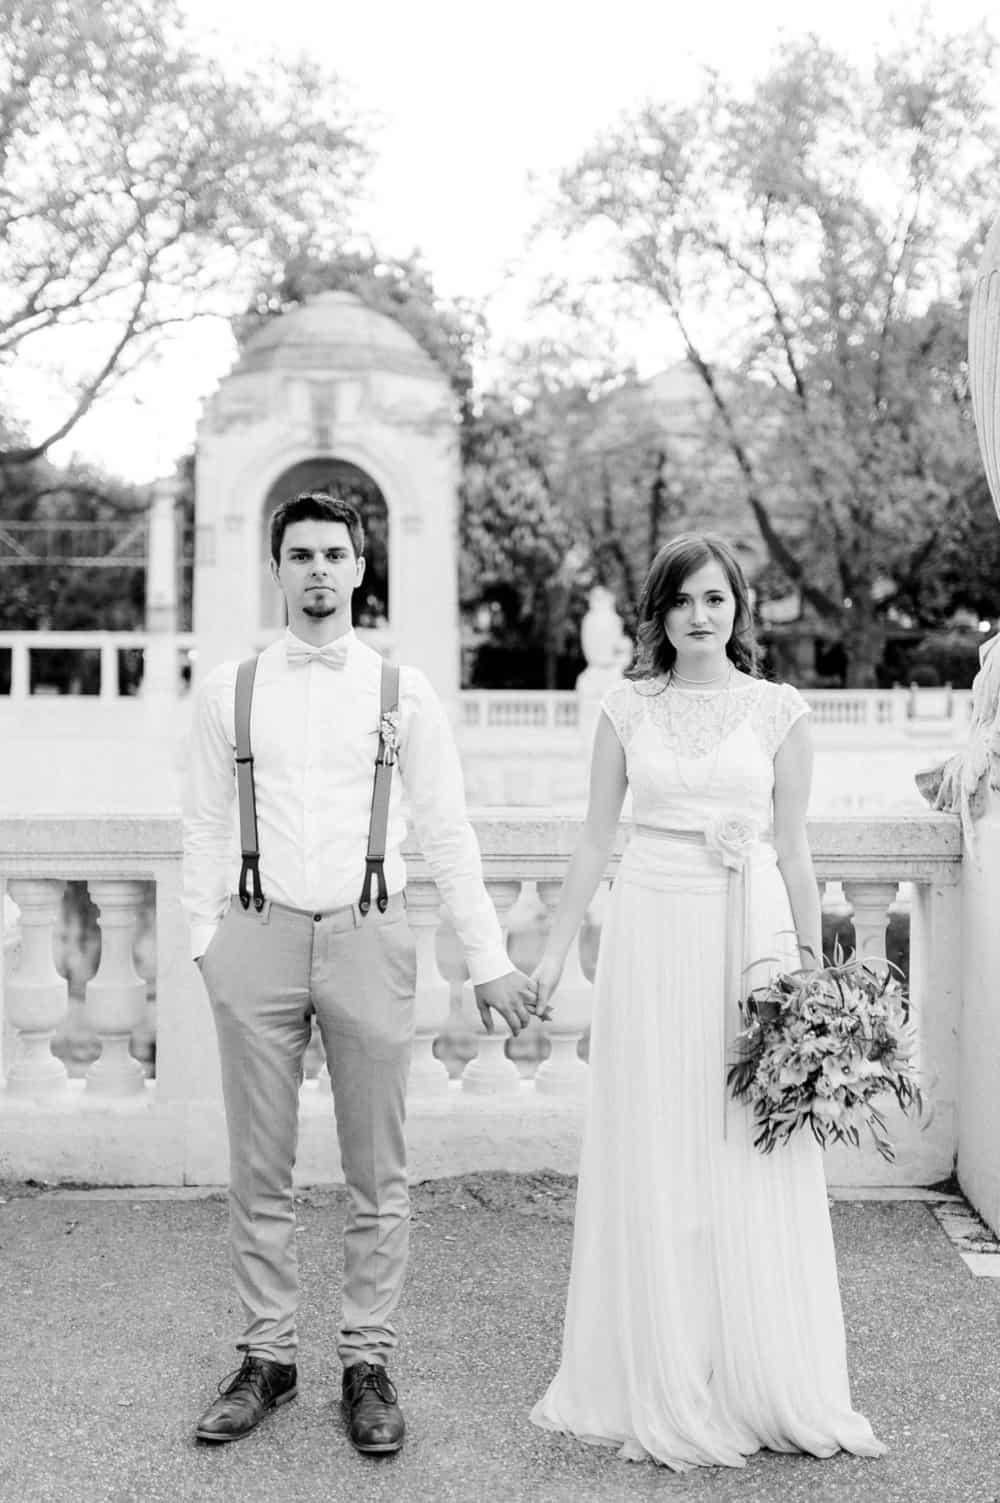 hochzeitsfotograf_thomasschwede_after_wedding_fotos_in_wien_0728